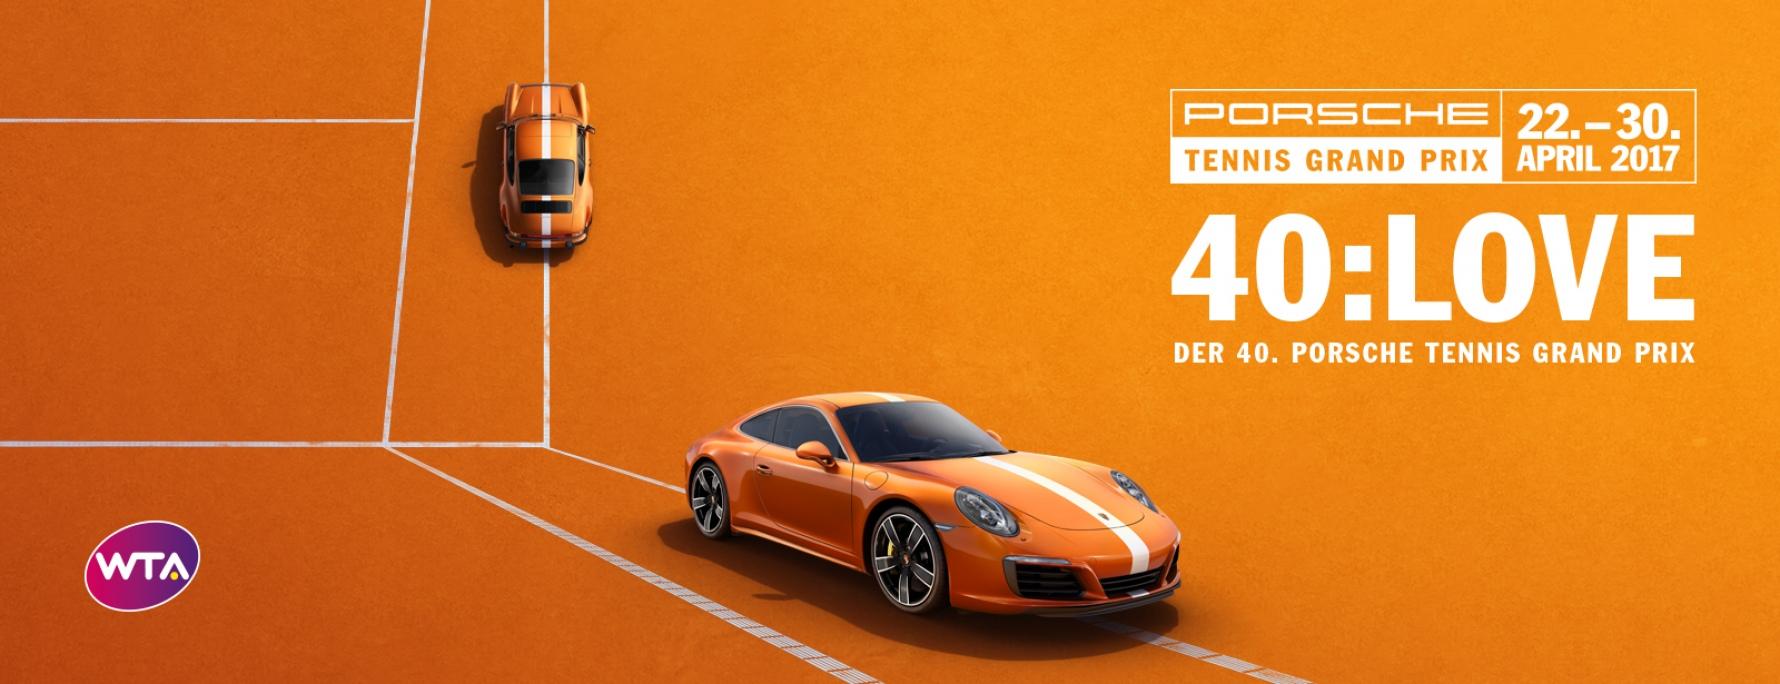 Startseite Porsche Tennis Grand Prix 2017